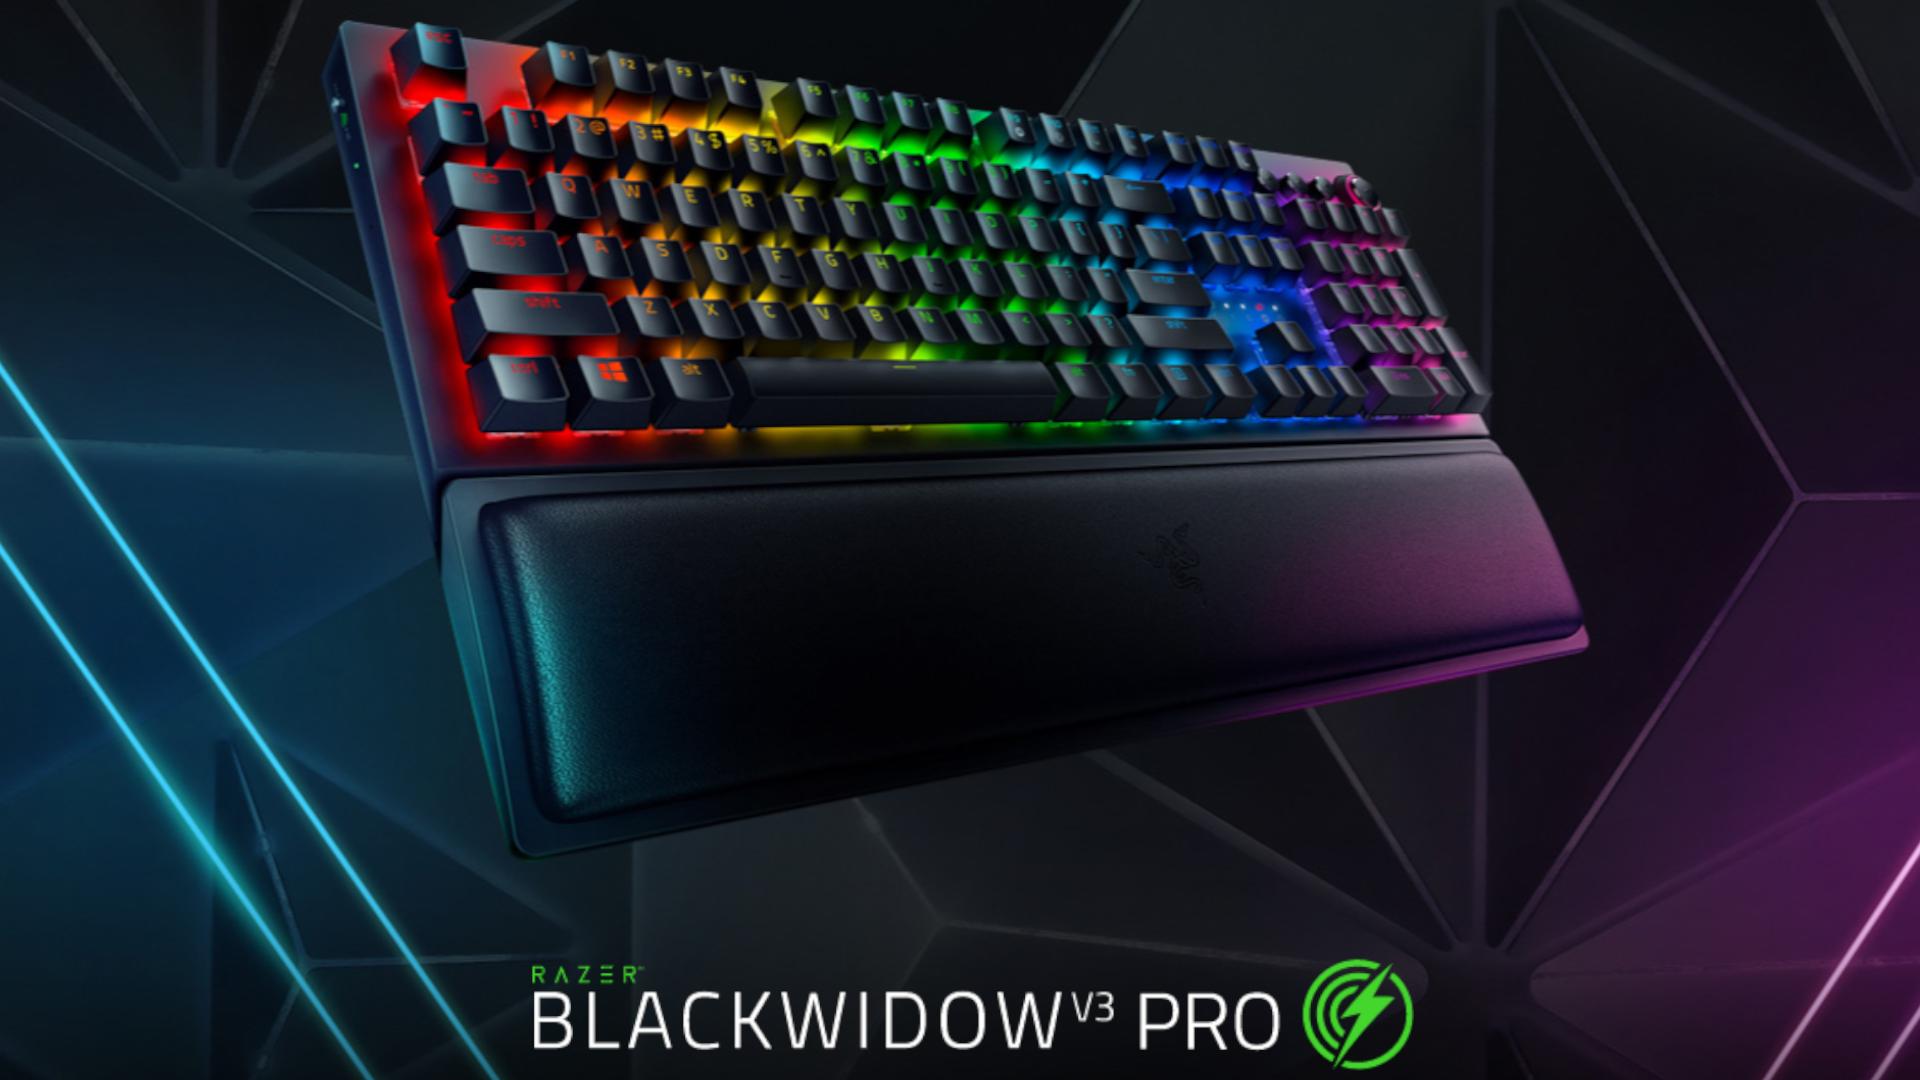 O Teclado Sem Fio Mecânico Gamer Razer BlackWidow V3 Pro é teclado gamer profissional sem fio da Razer (Foto: Divulgação/Razer)